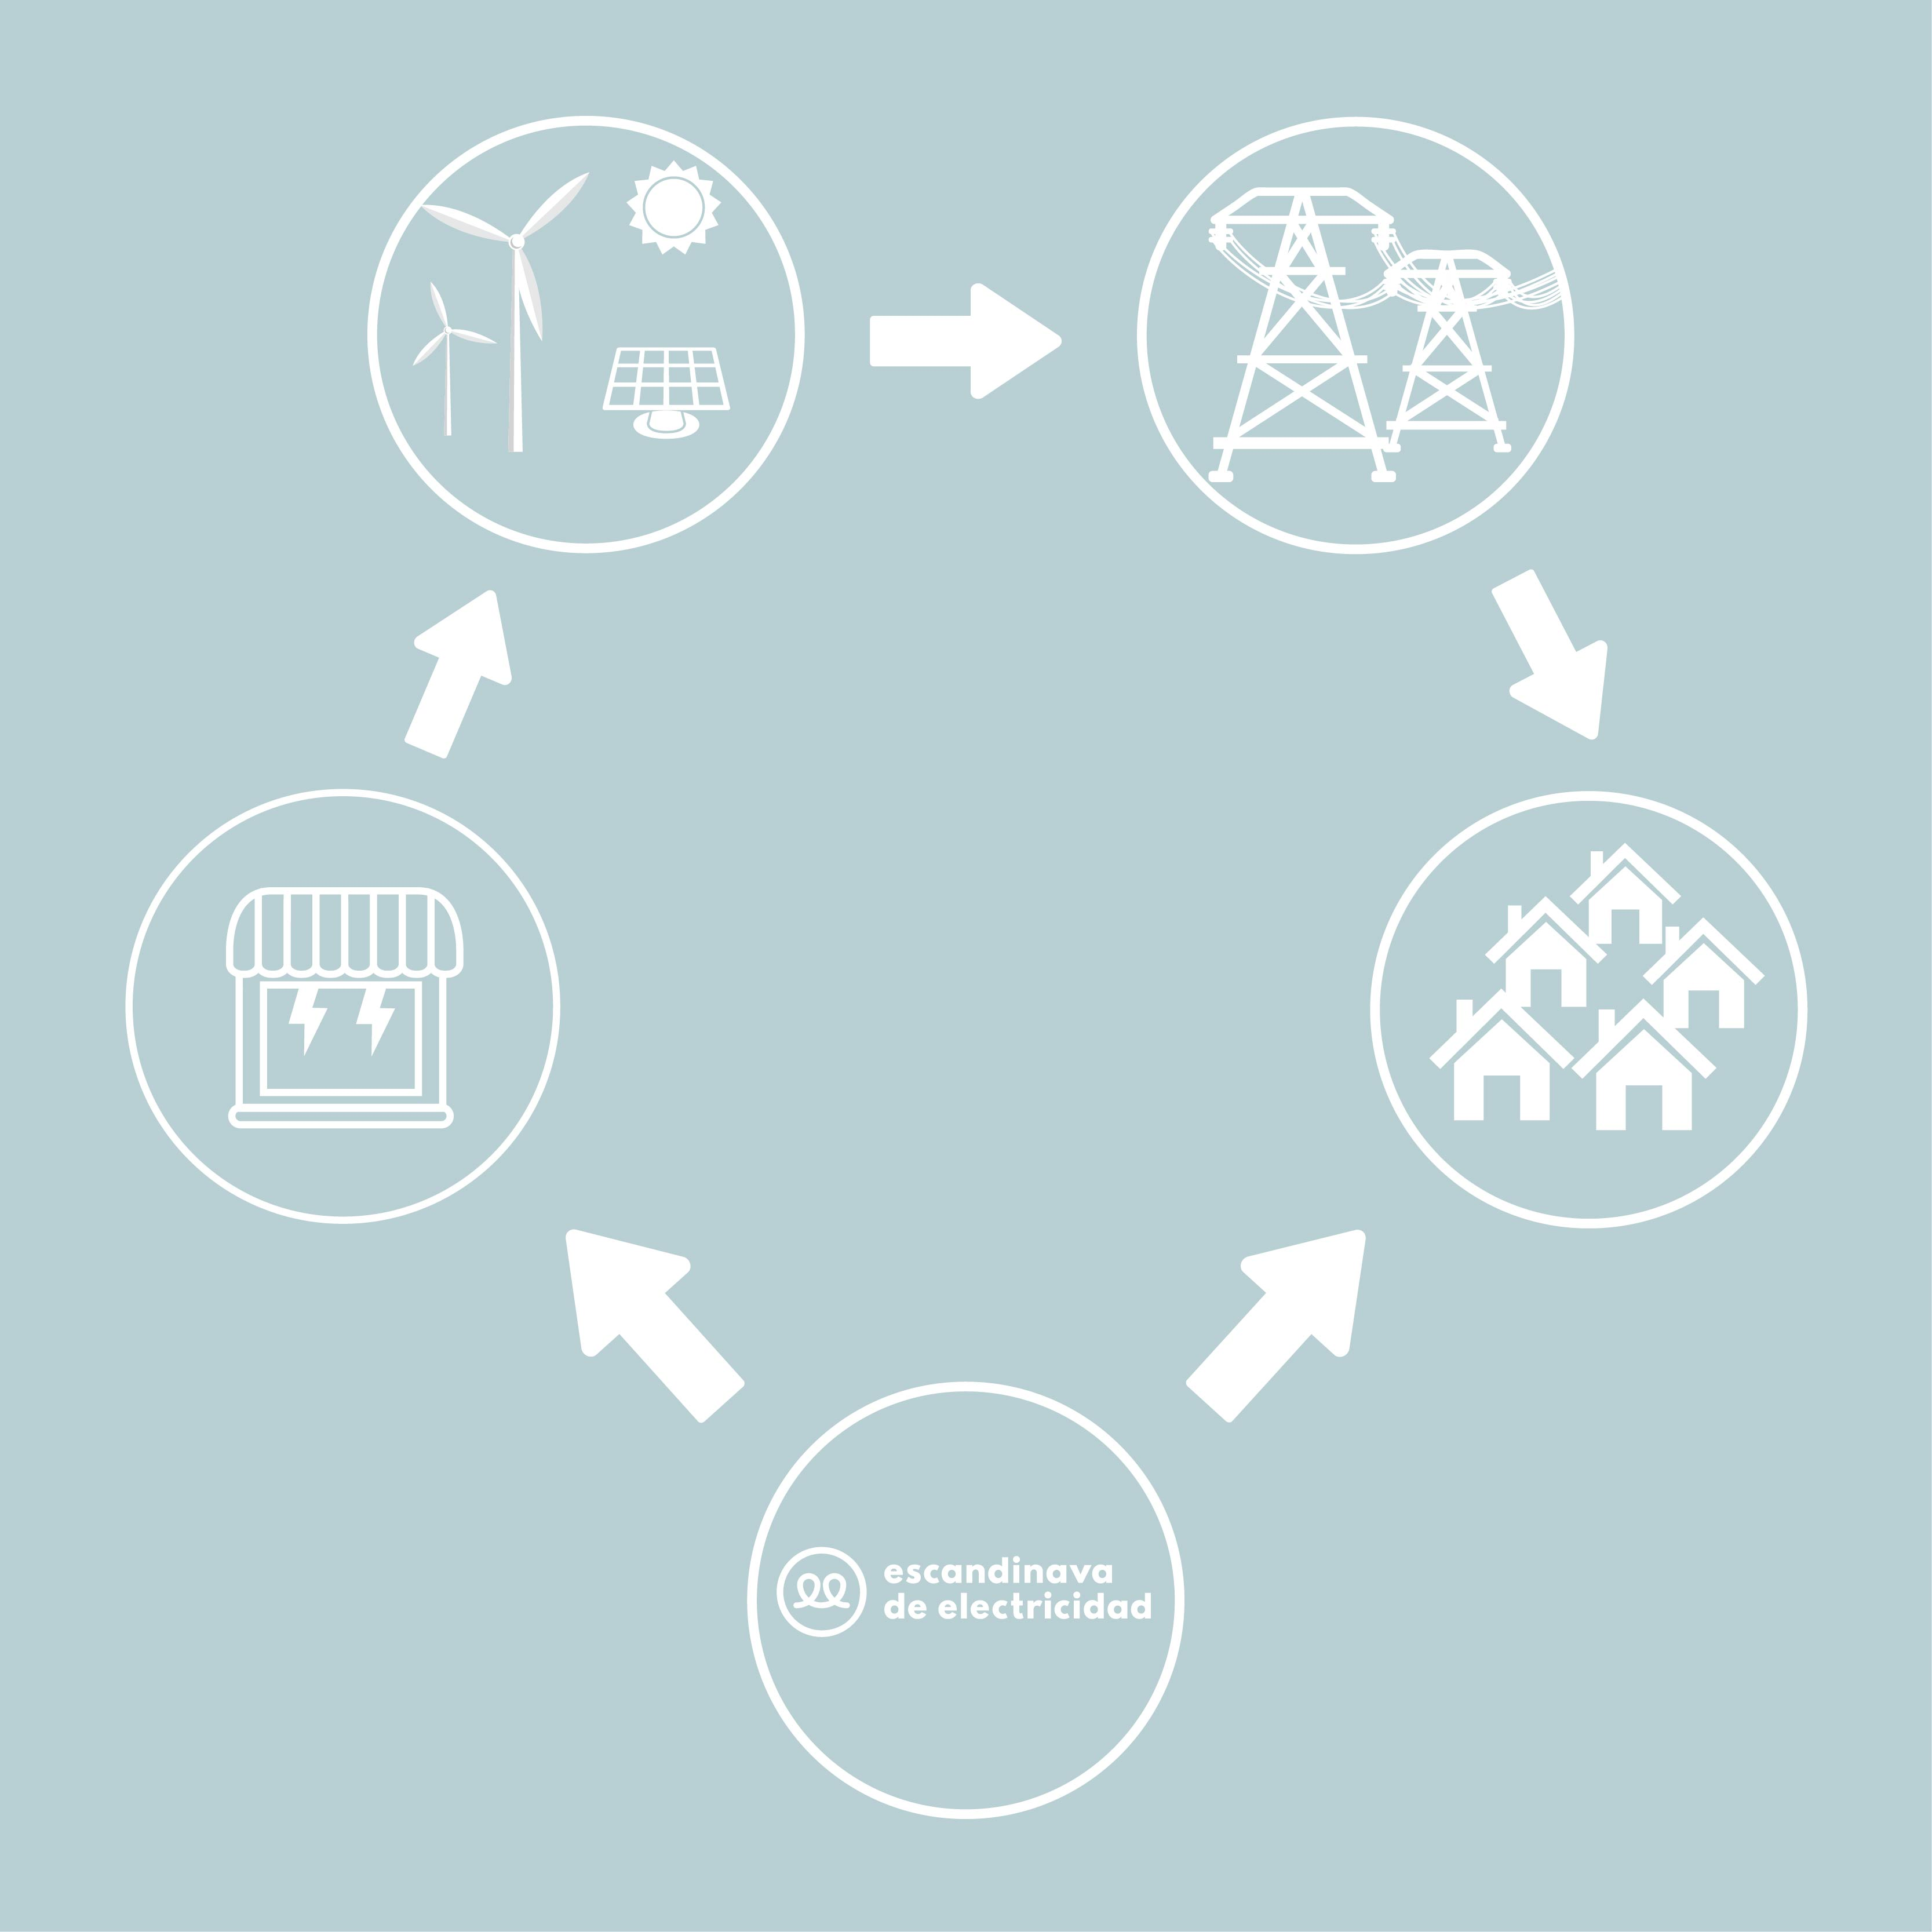 diferencia comercializadora eléctrica y distribuidora eléctrica